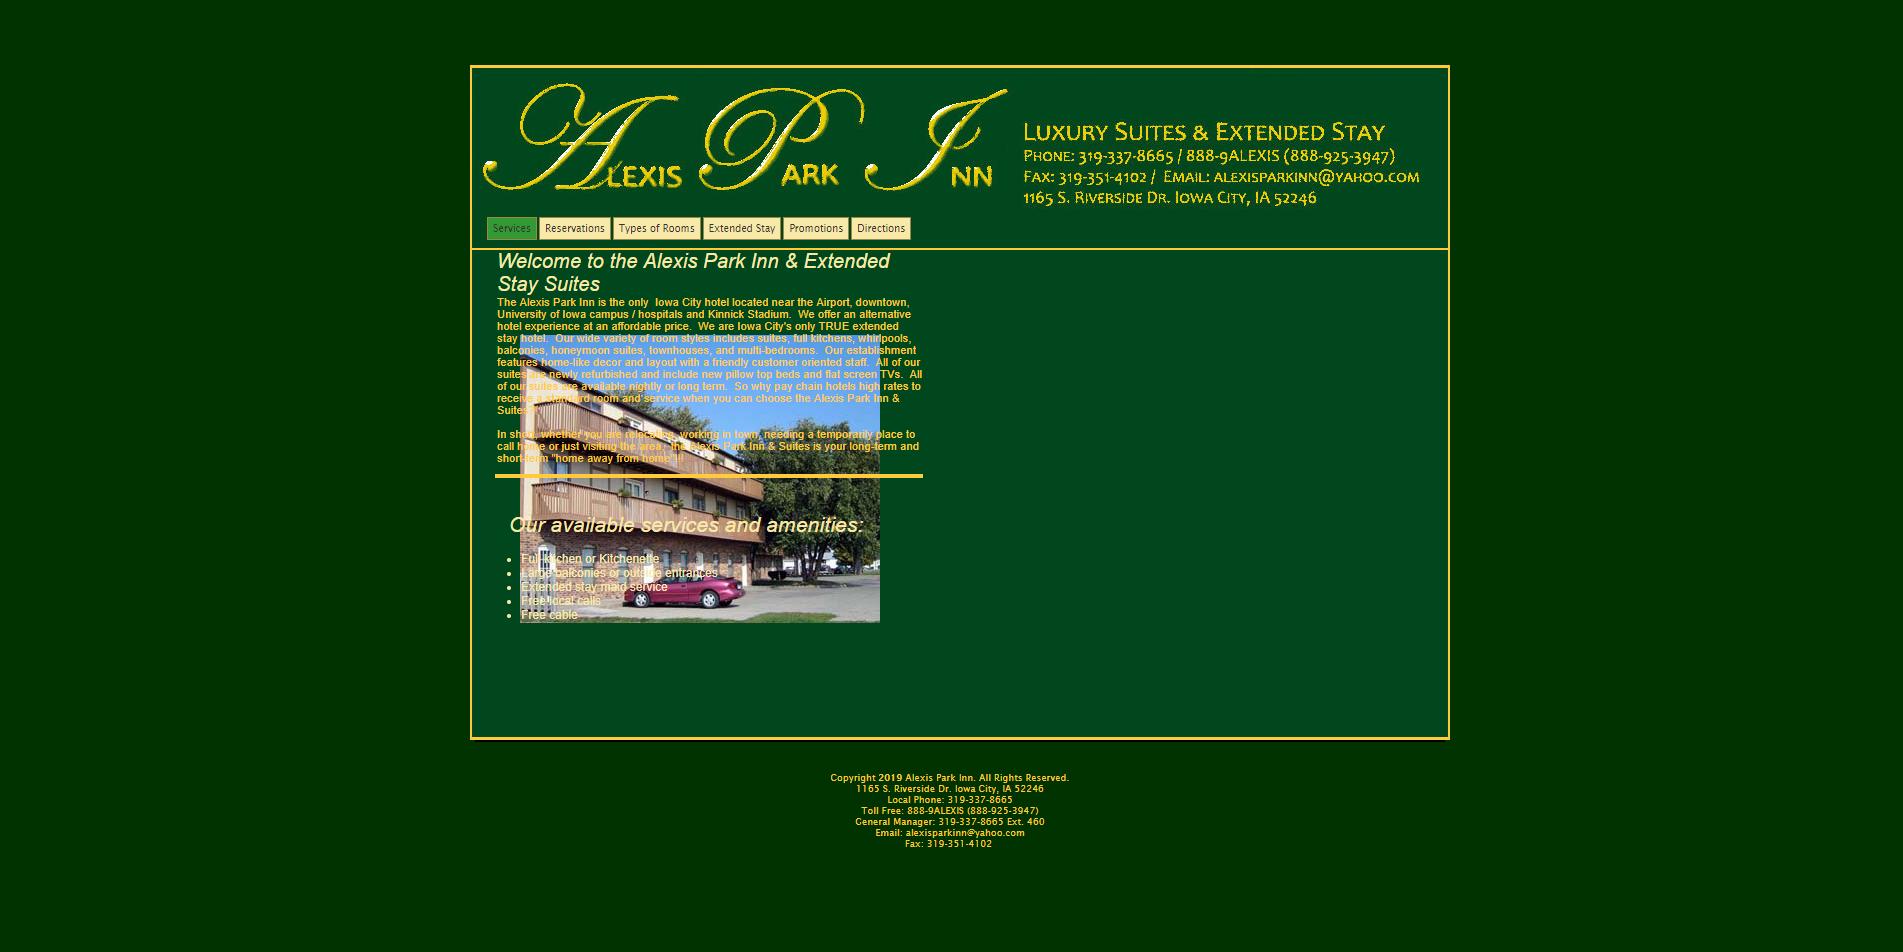 Alexis Park Inn